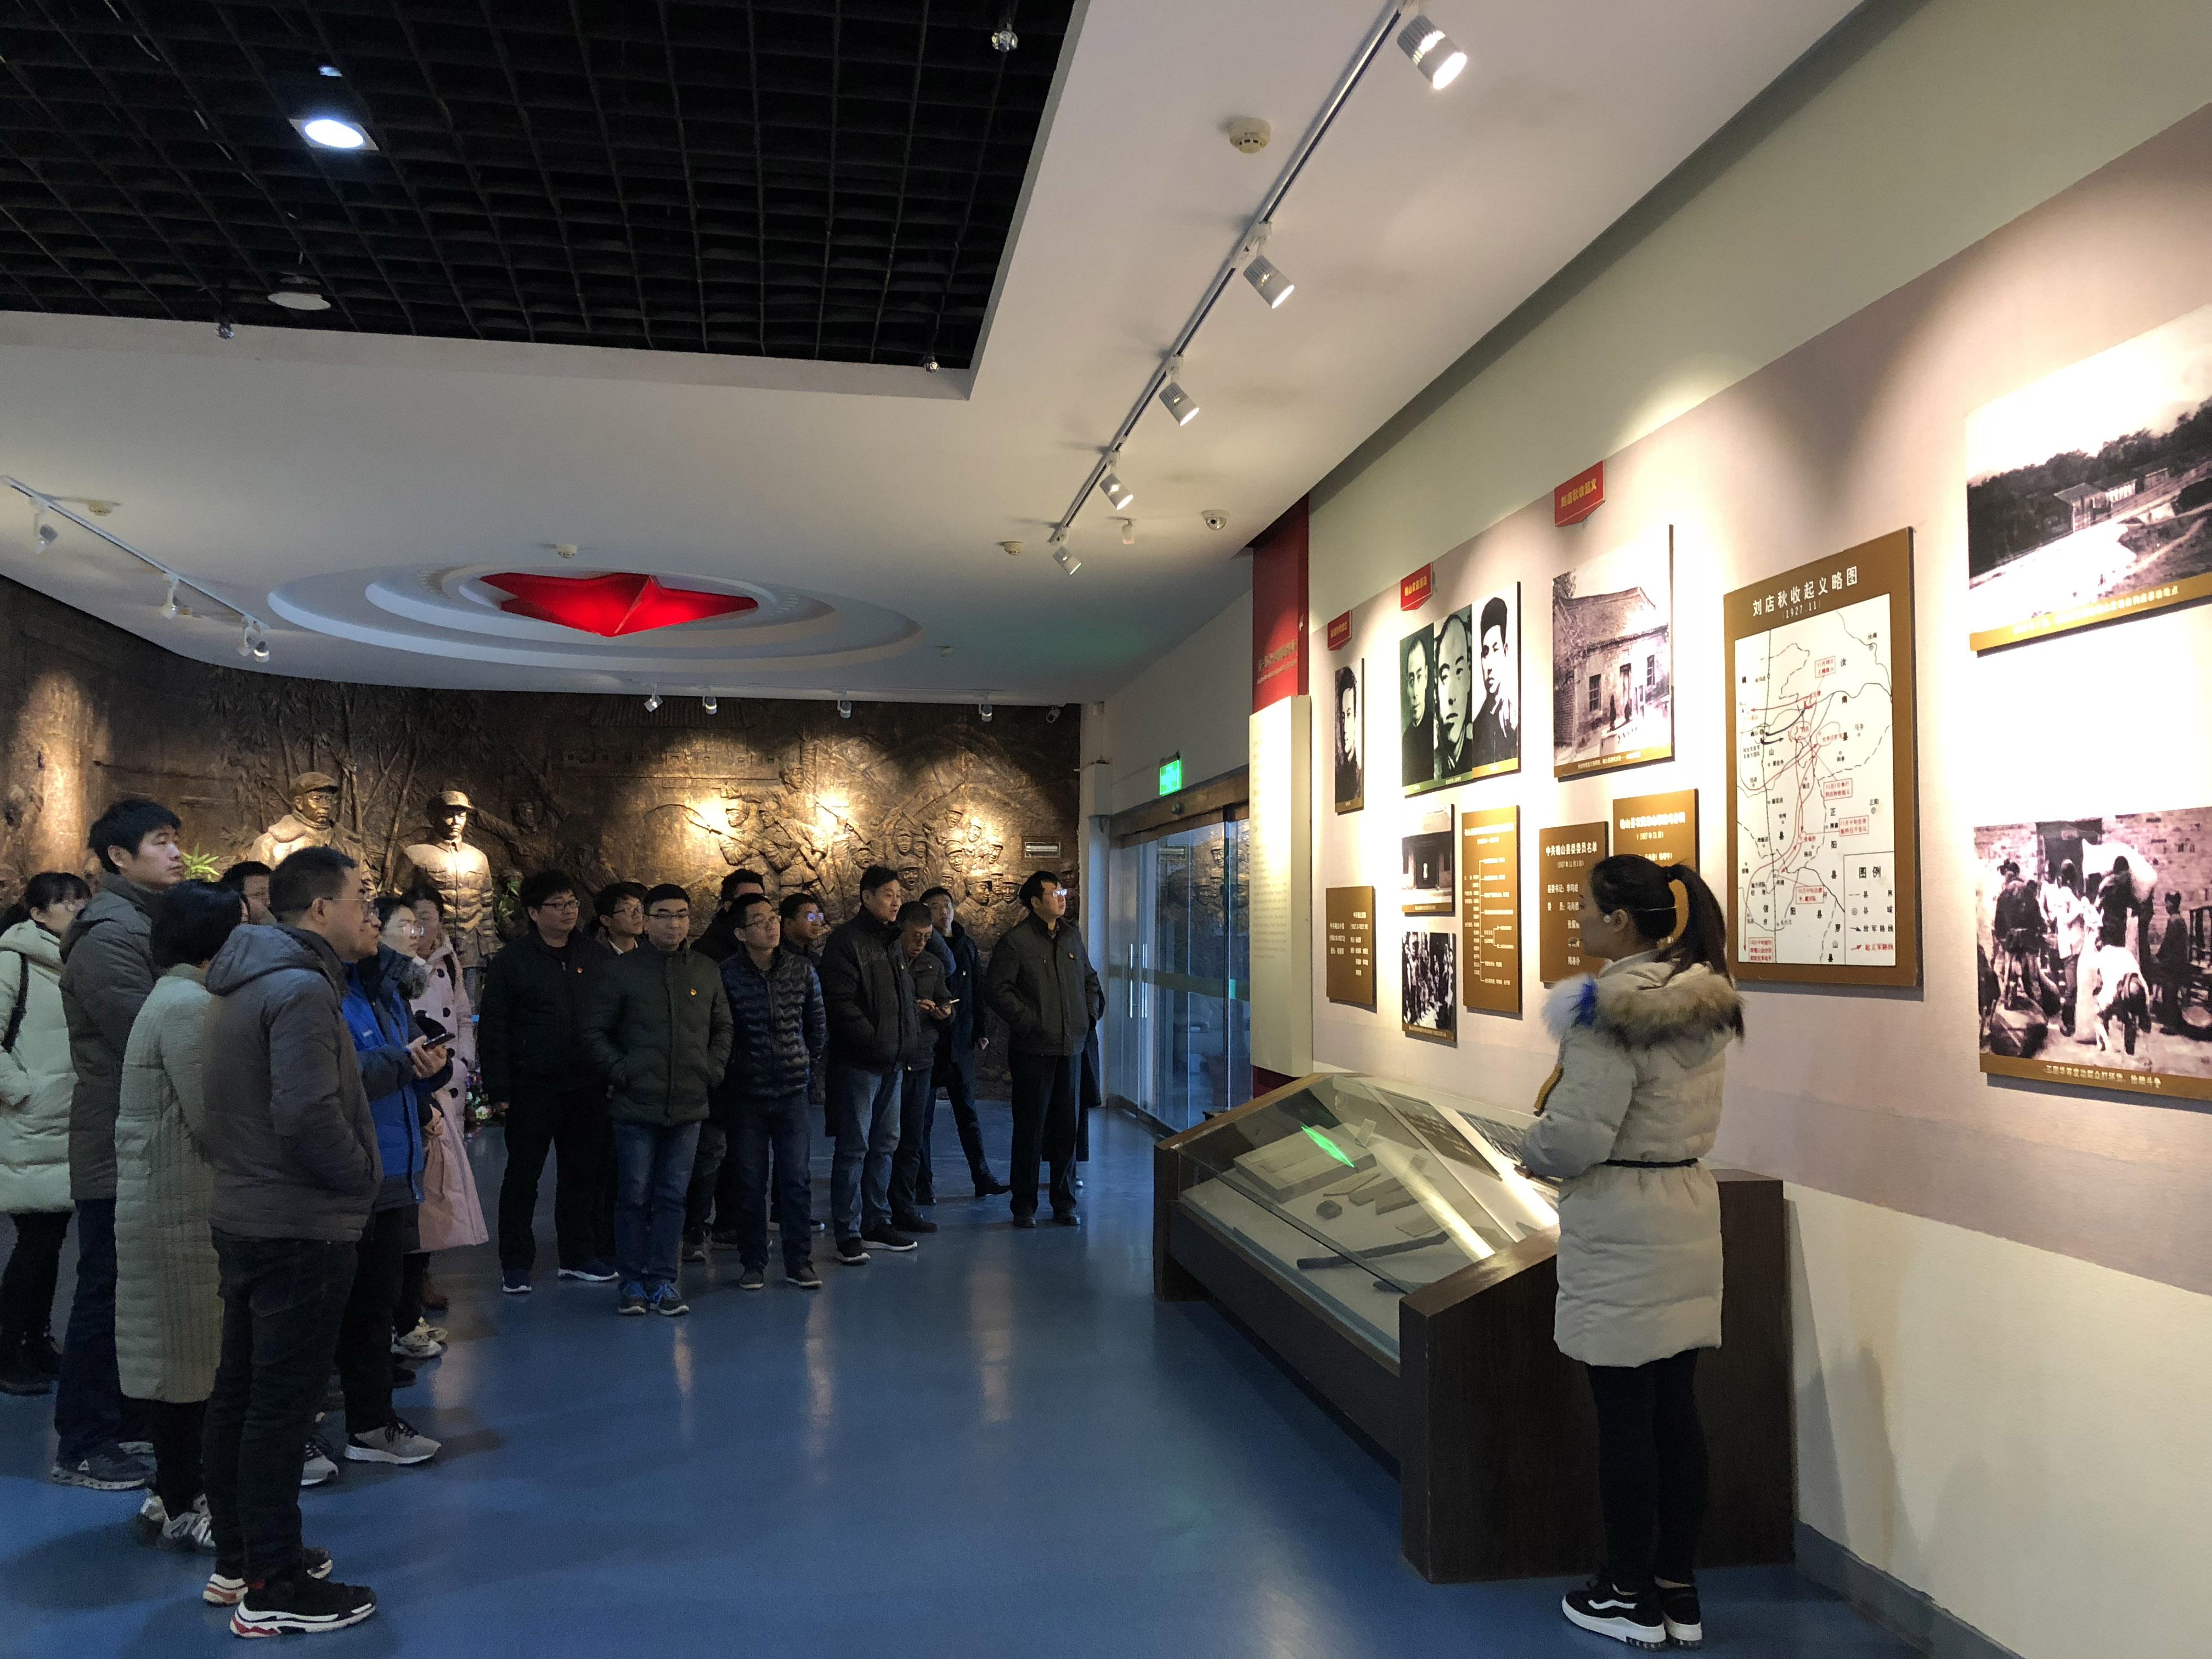 化学与制药工程学院教工支部到竹沟革命纪念馆参加红色教育活动